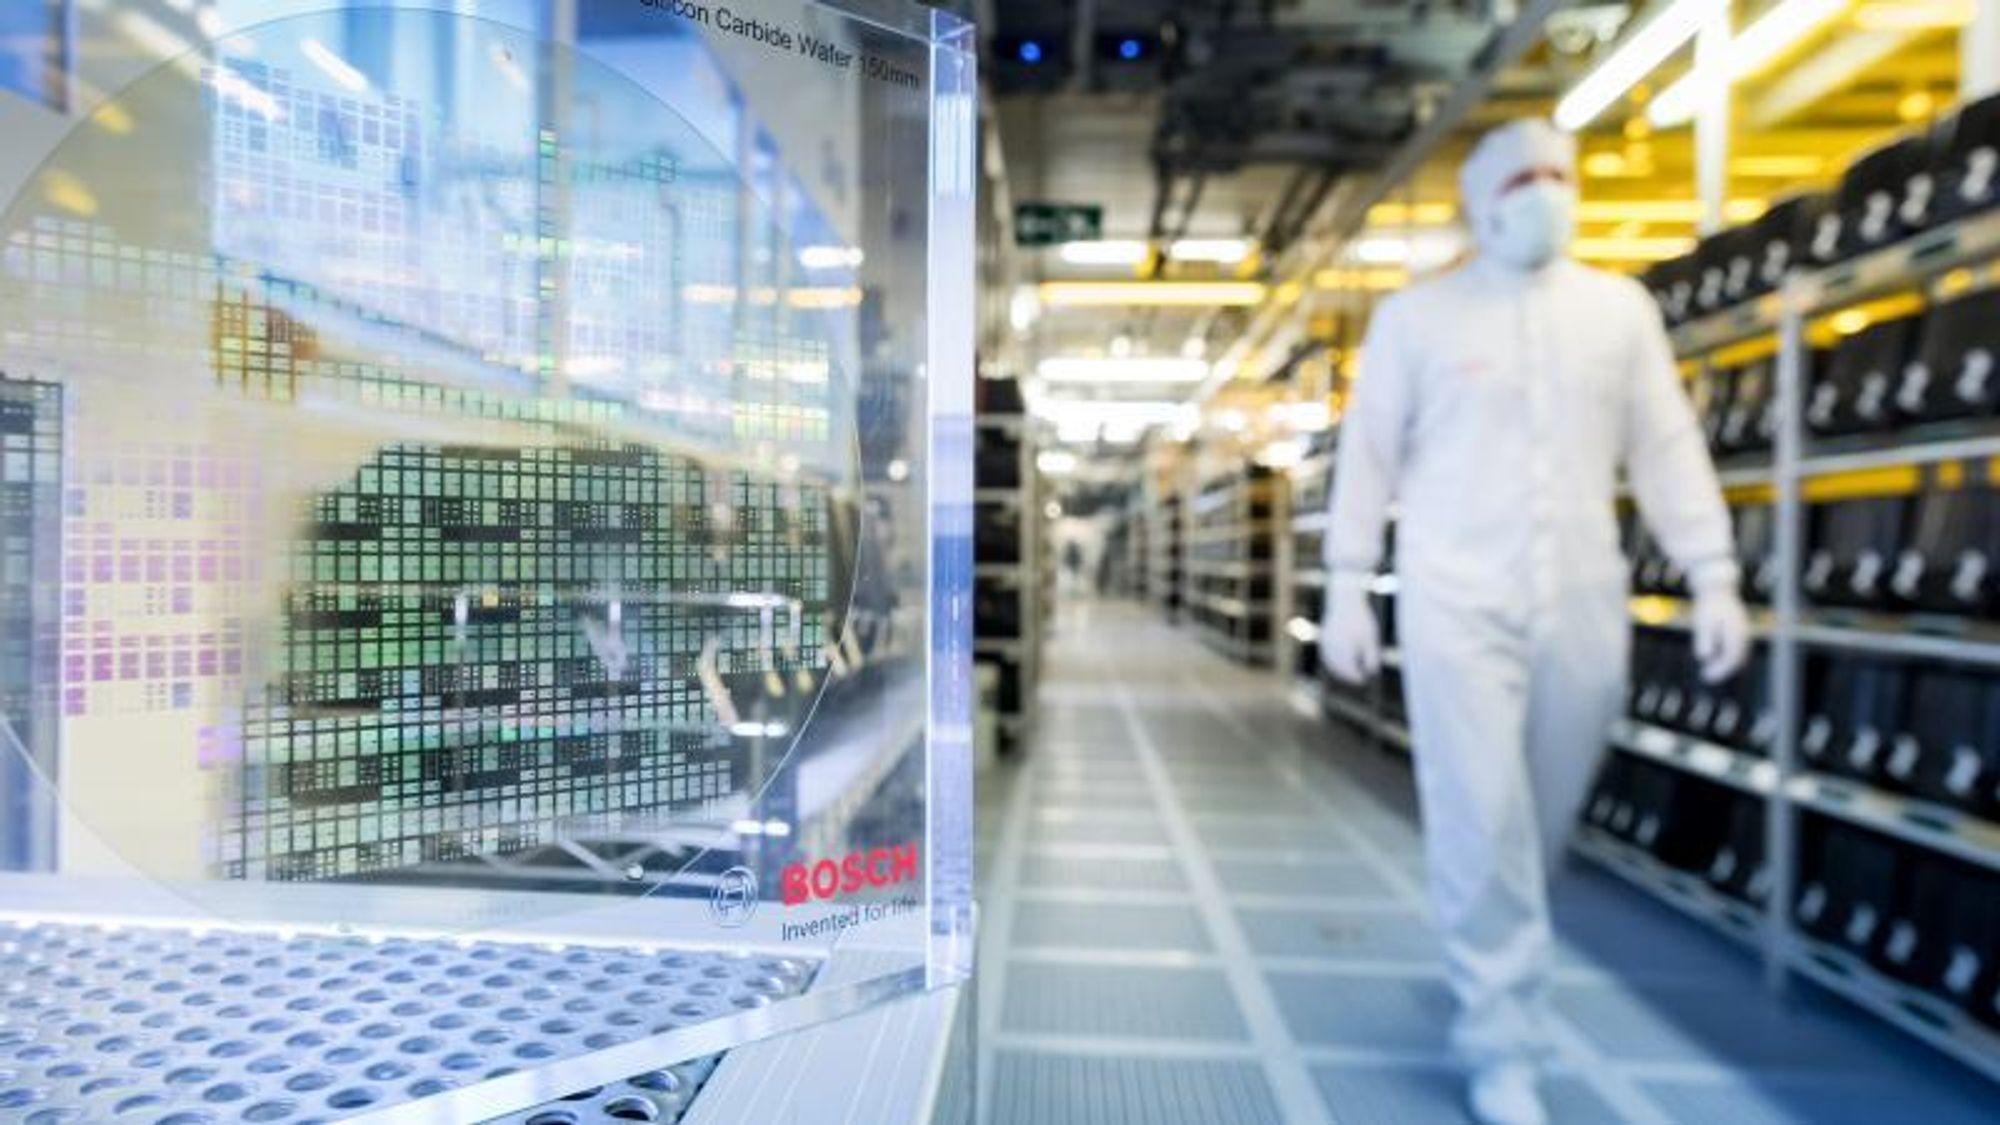 Tyske Bosch investerer over syv milliarder kroner i en ny fabrikk som skal produsere silisiumkarbid-wafer til mikrobrikker i elbiler.